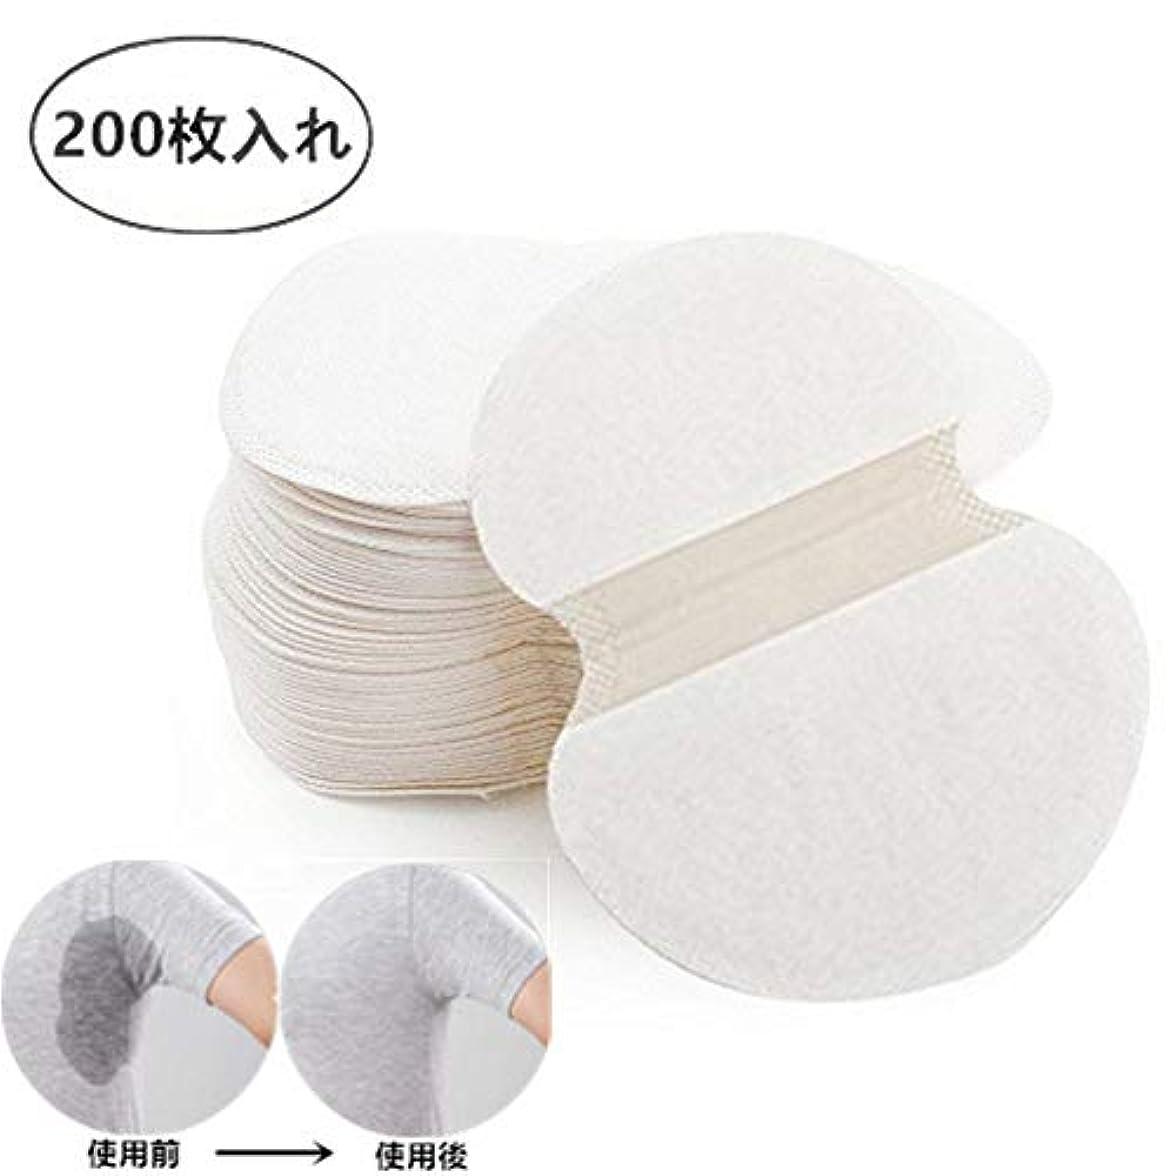 クリスチャン特許ステープルYUANSHOP1 わき汗パット さらさら あせジミ防止 汗取りパット 防臭シート 無香料 メンズ レディース 大きめ(200枚入れ)